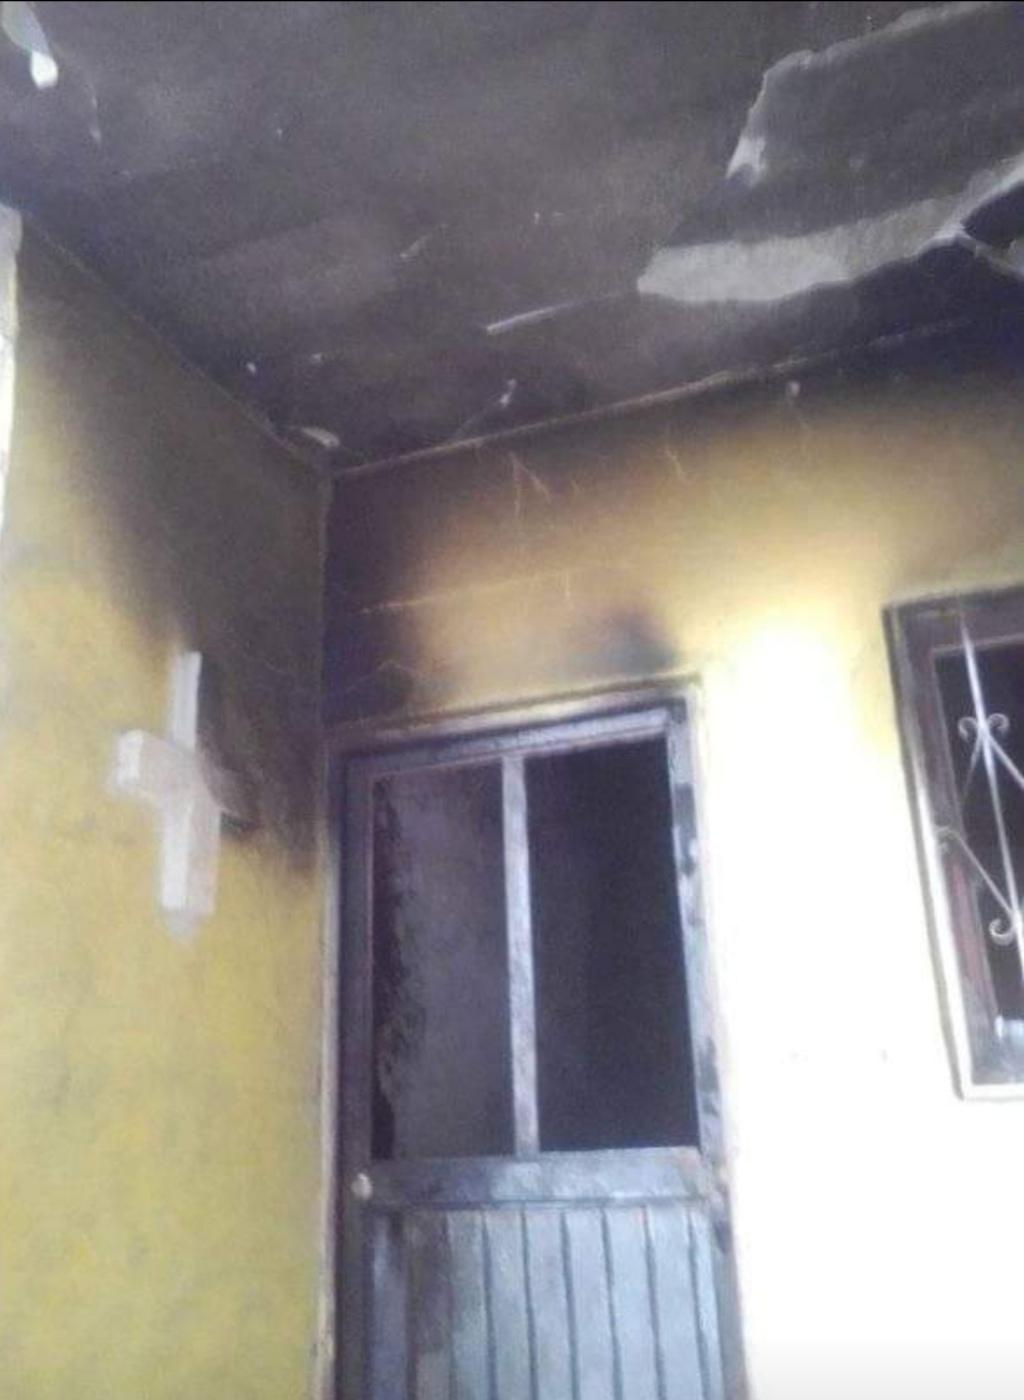 Fuego arrasa con hogar de joven matrimonio en la colonia Tierra Blanca de Gómez Palacio